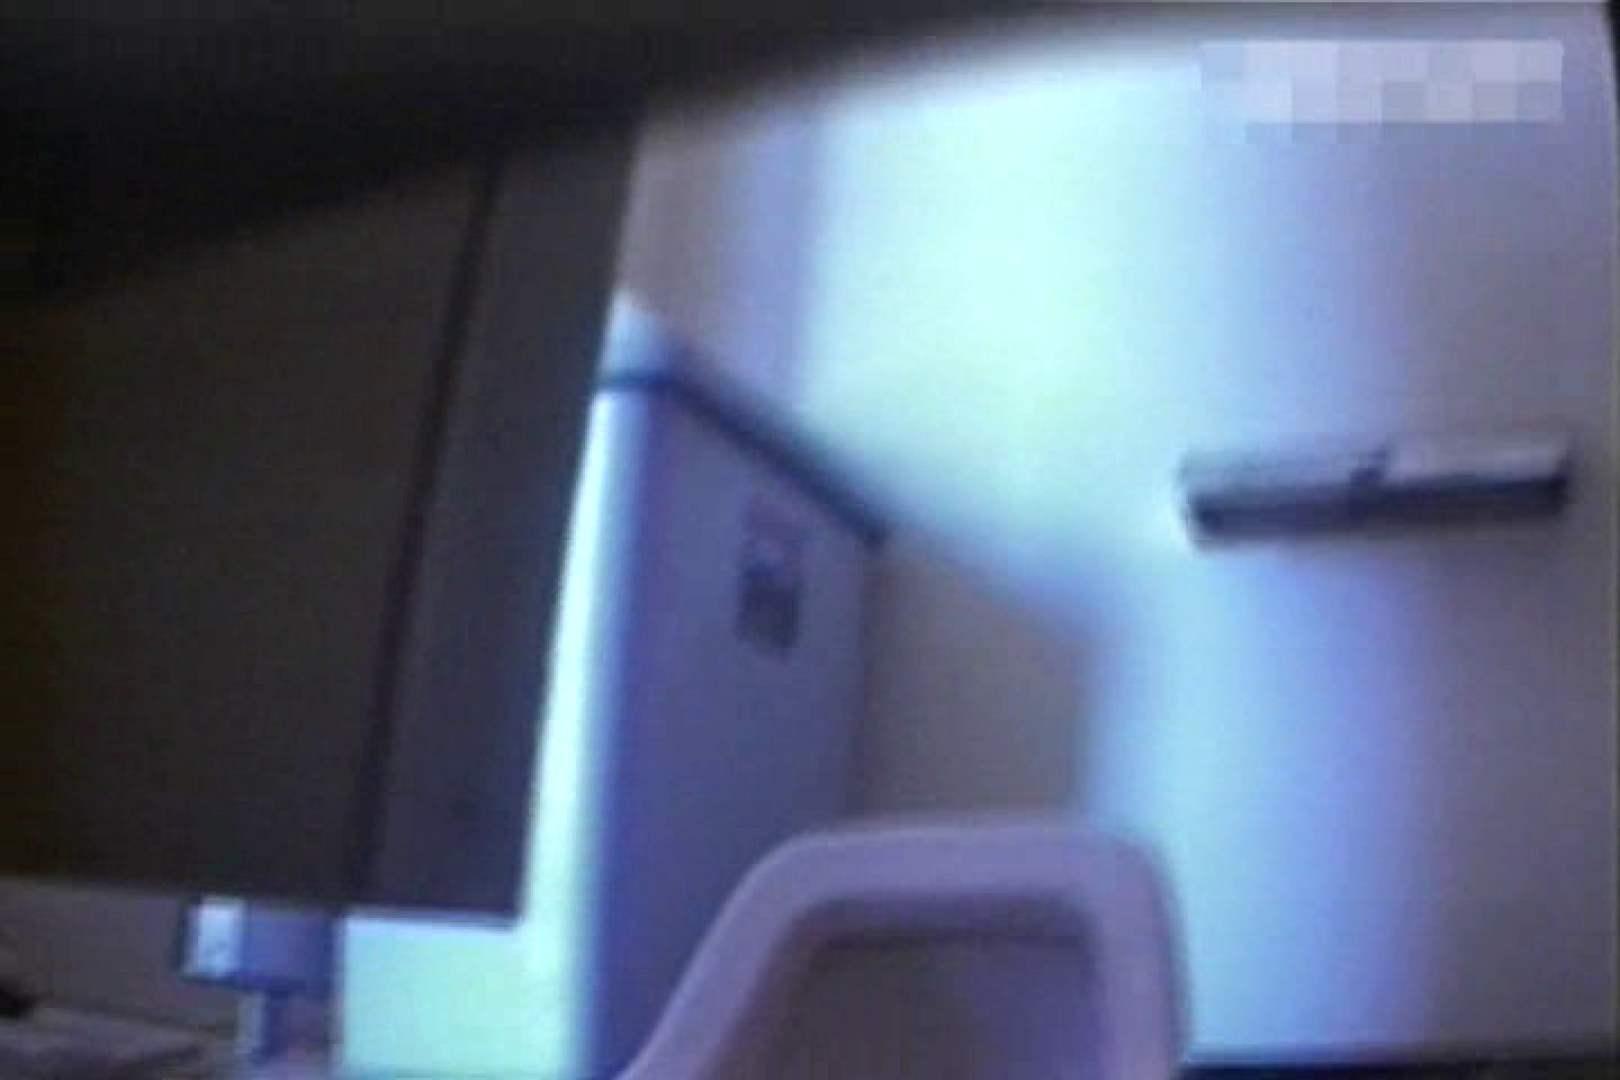 個室狂いのマニア映像Vol.2 ギャルヌード SEX無修正画像 98画像 90